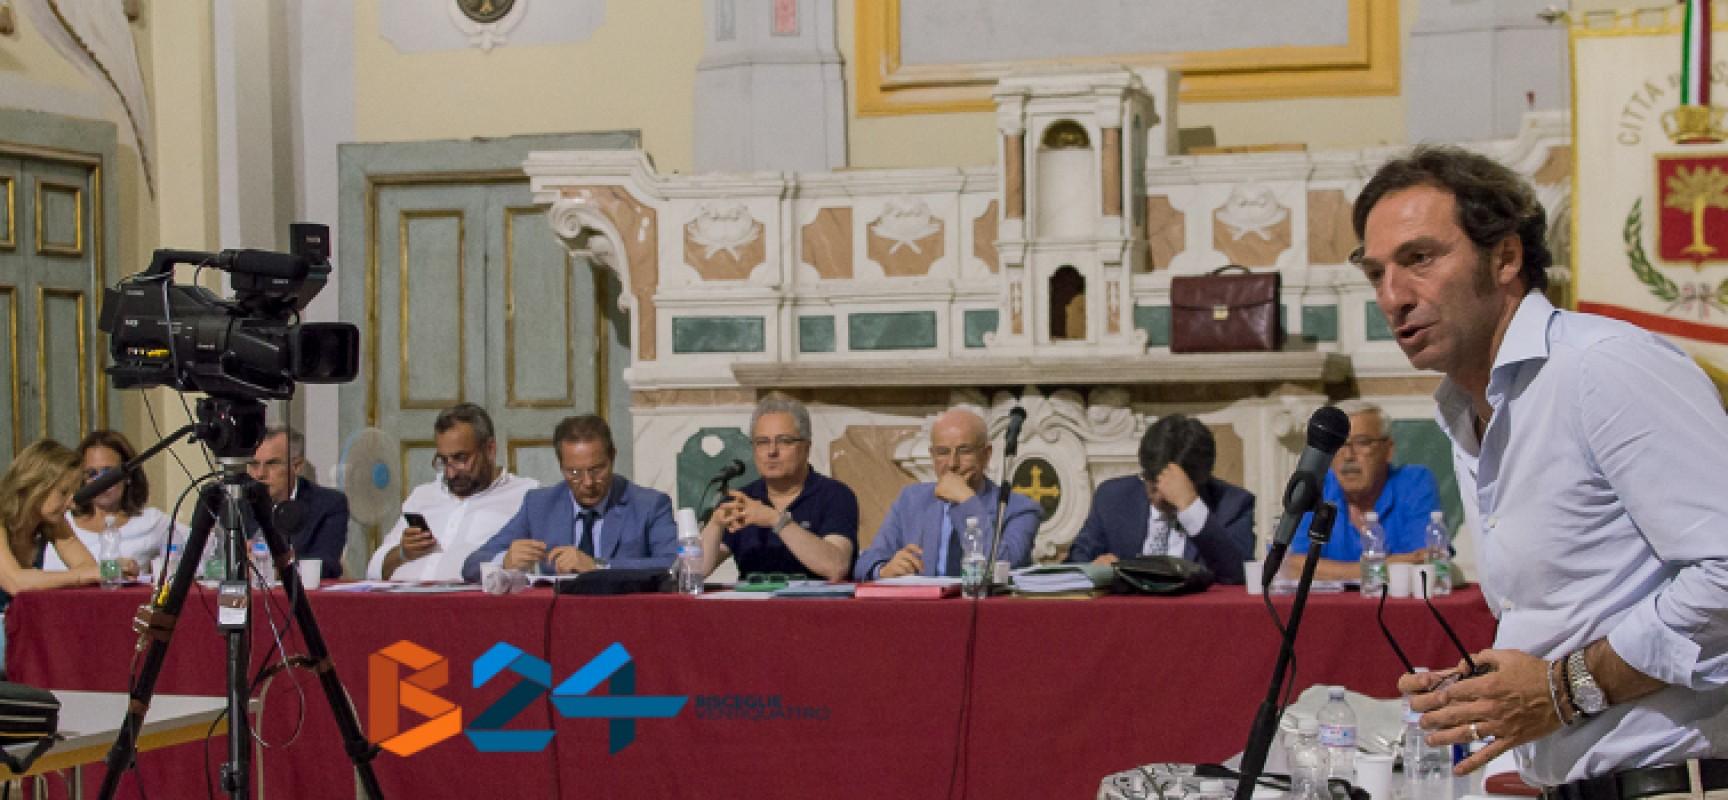 Consiglio comunale: animata discussione su Tari e strisce blu